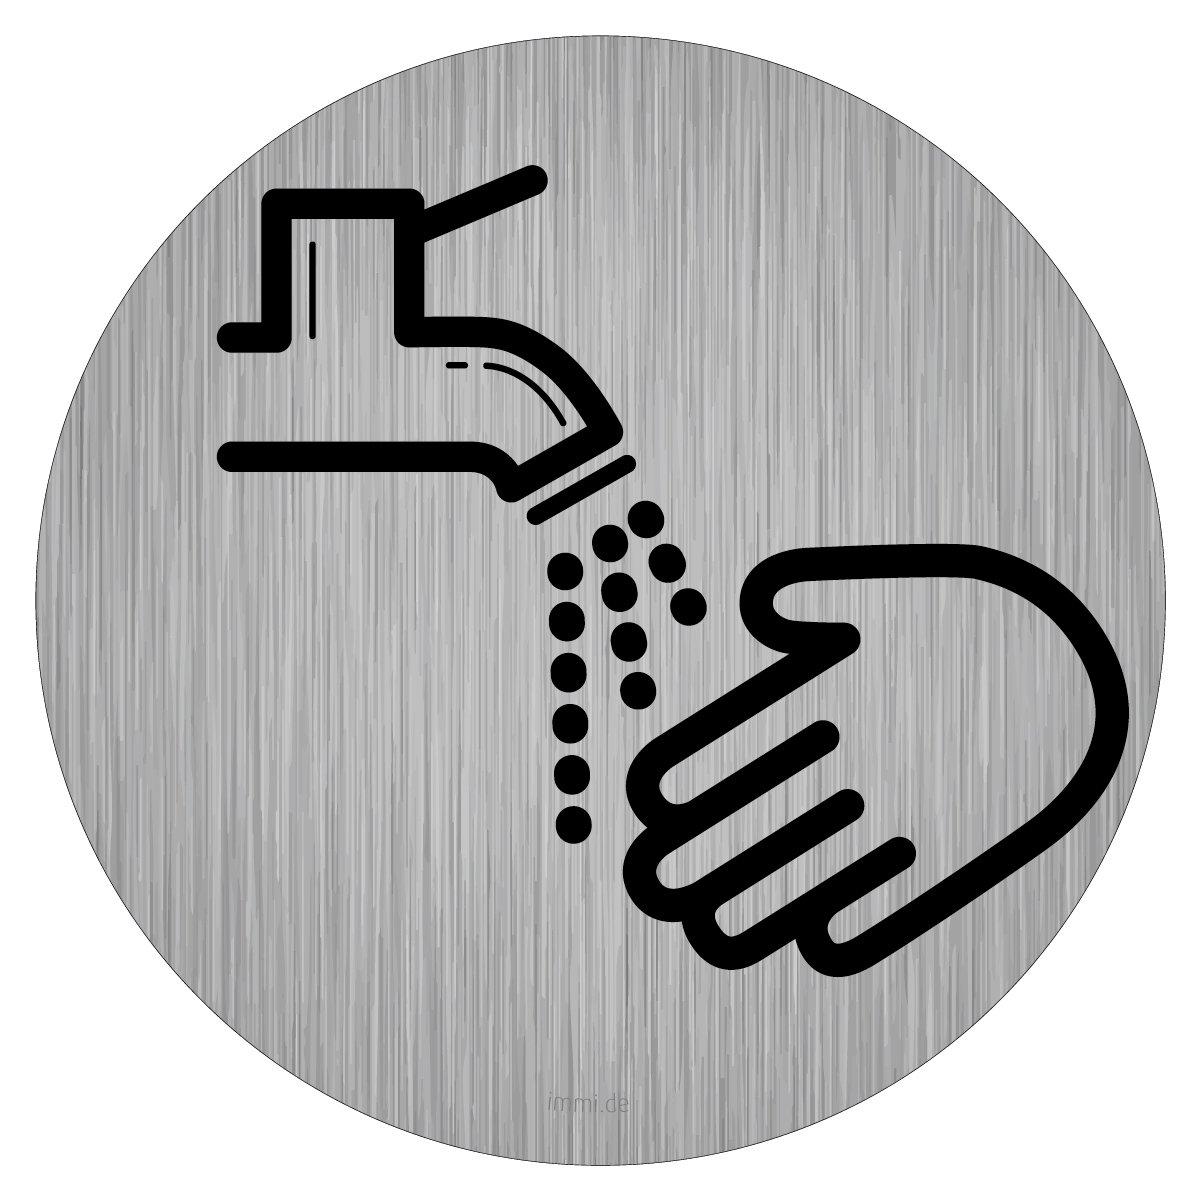 Hygiene auf Toilette 95mm/Ø H/ände waschen Edelstahl-Opt immi Toilette-Hinweis